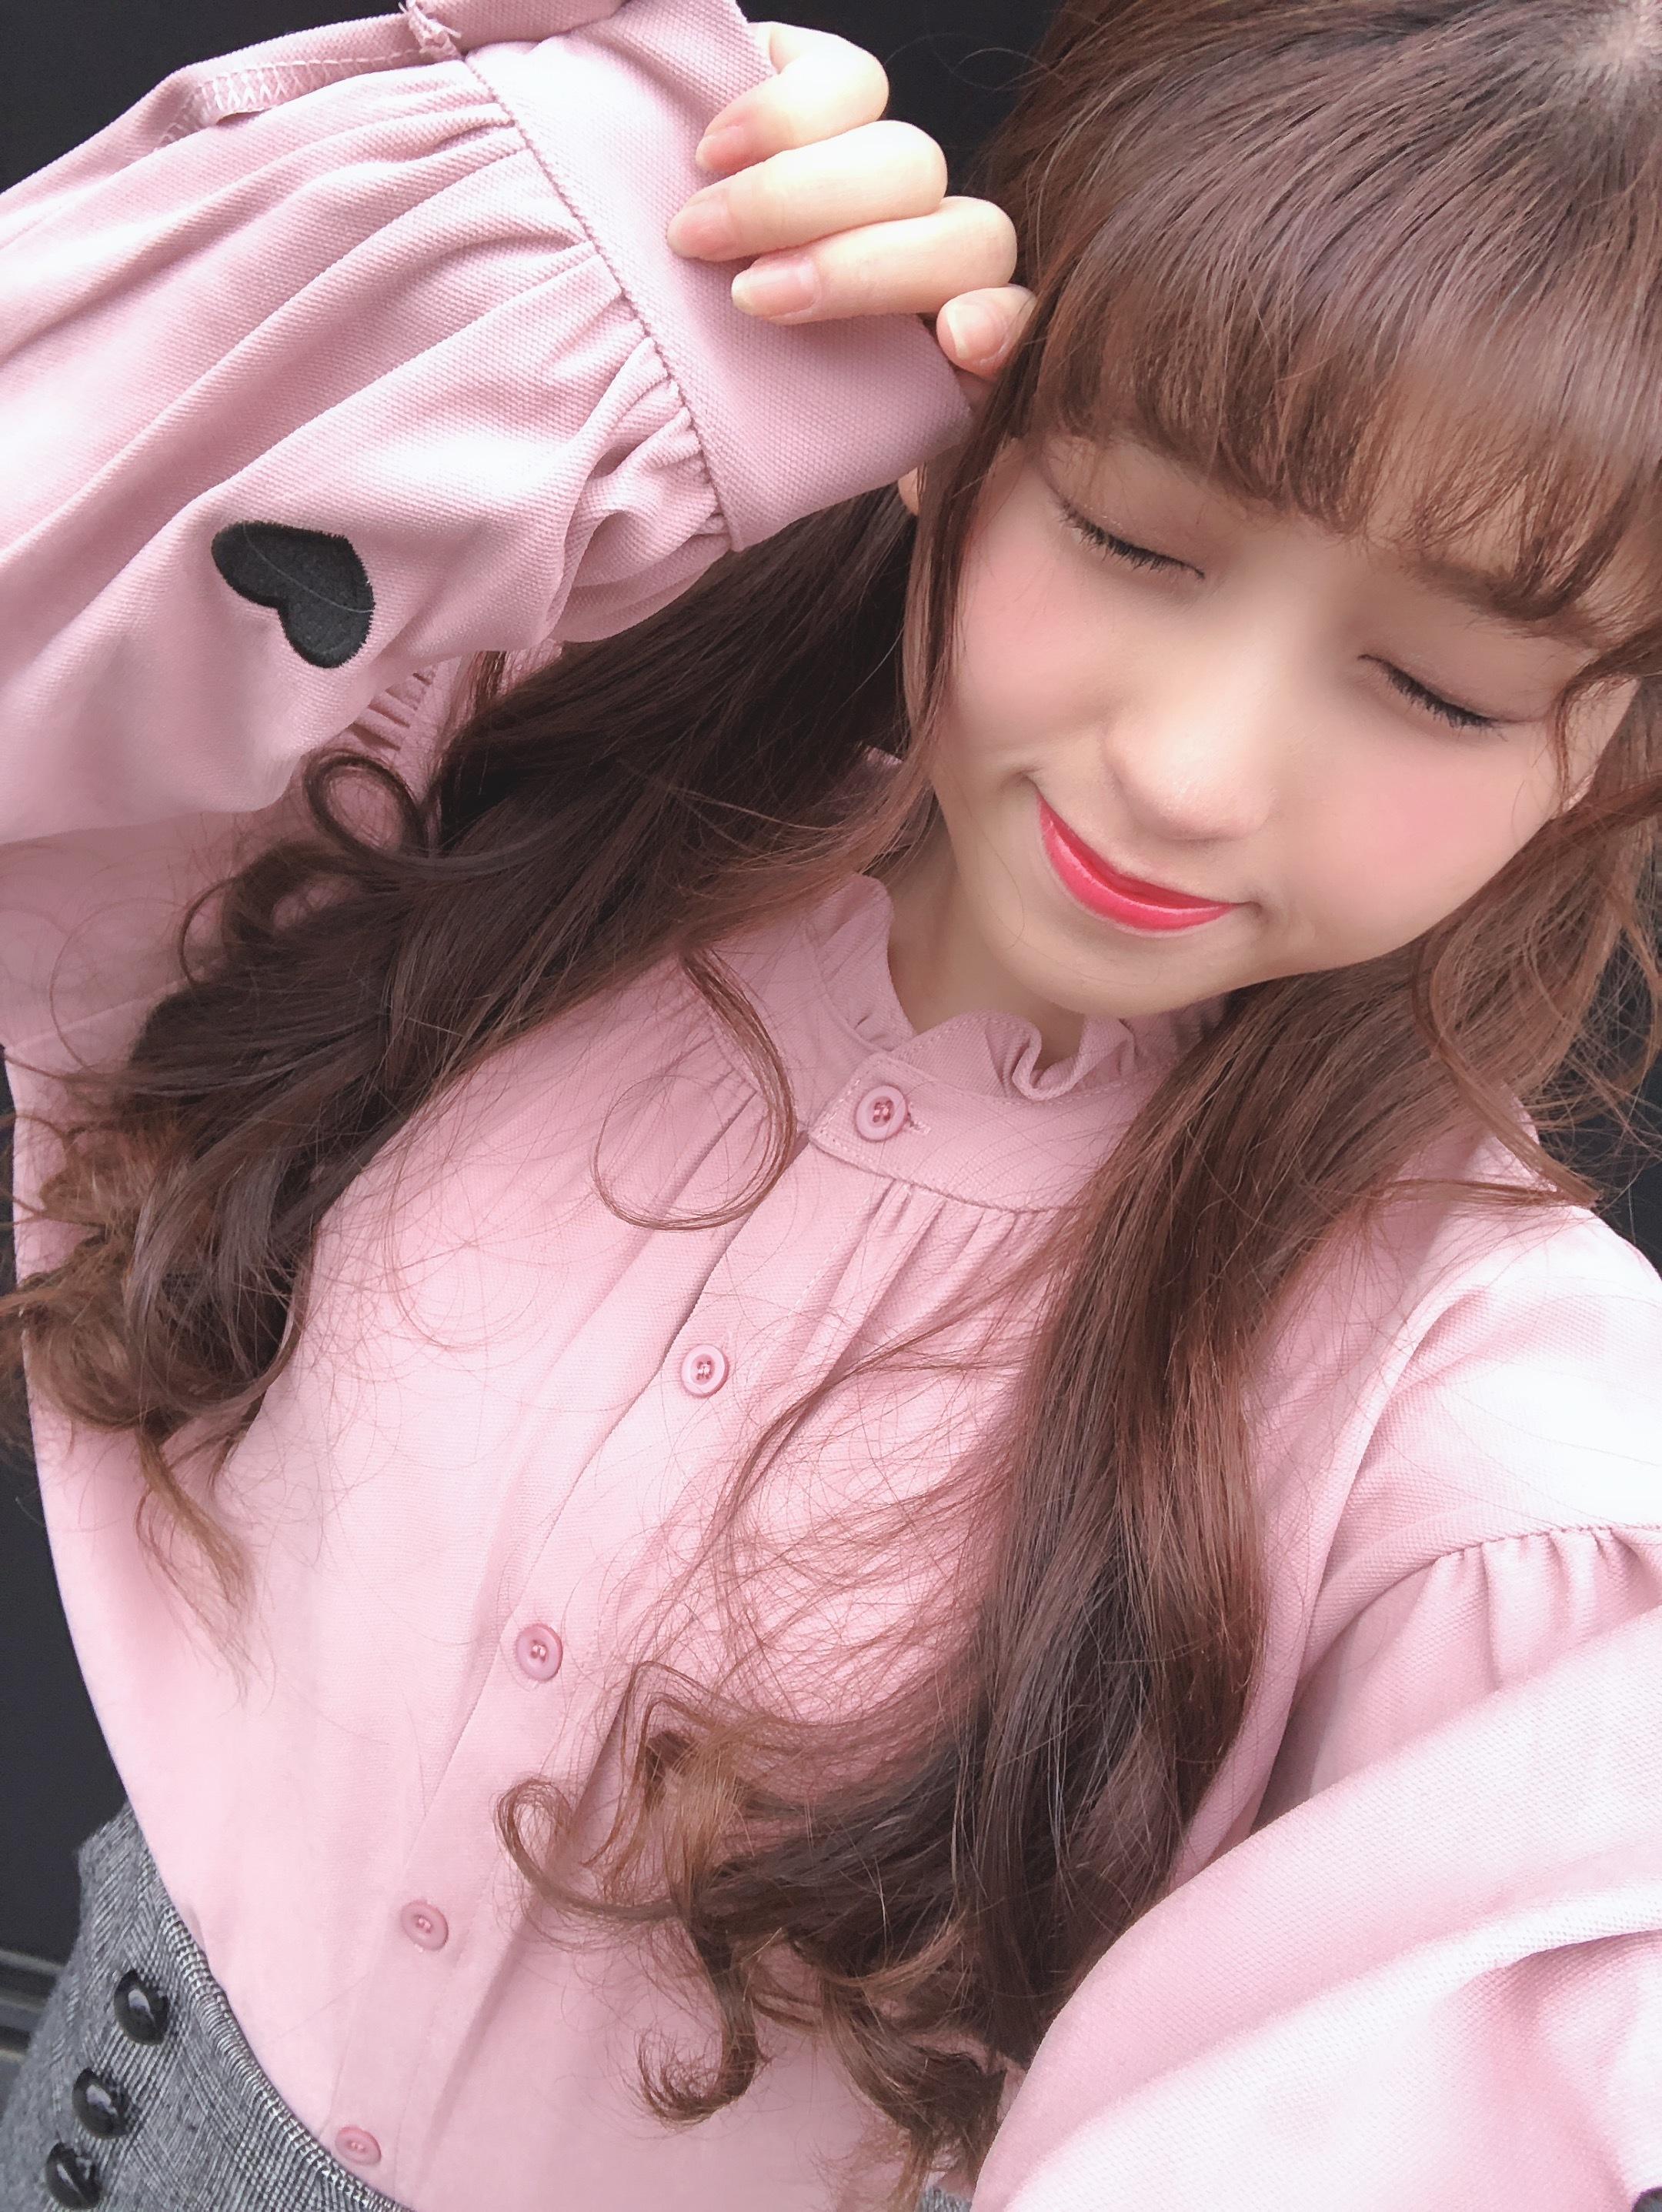 【韓国通販】Sweemy closet の春服コーデ 5選︎❤︎︎_1_10-2